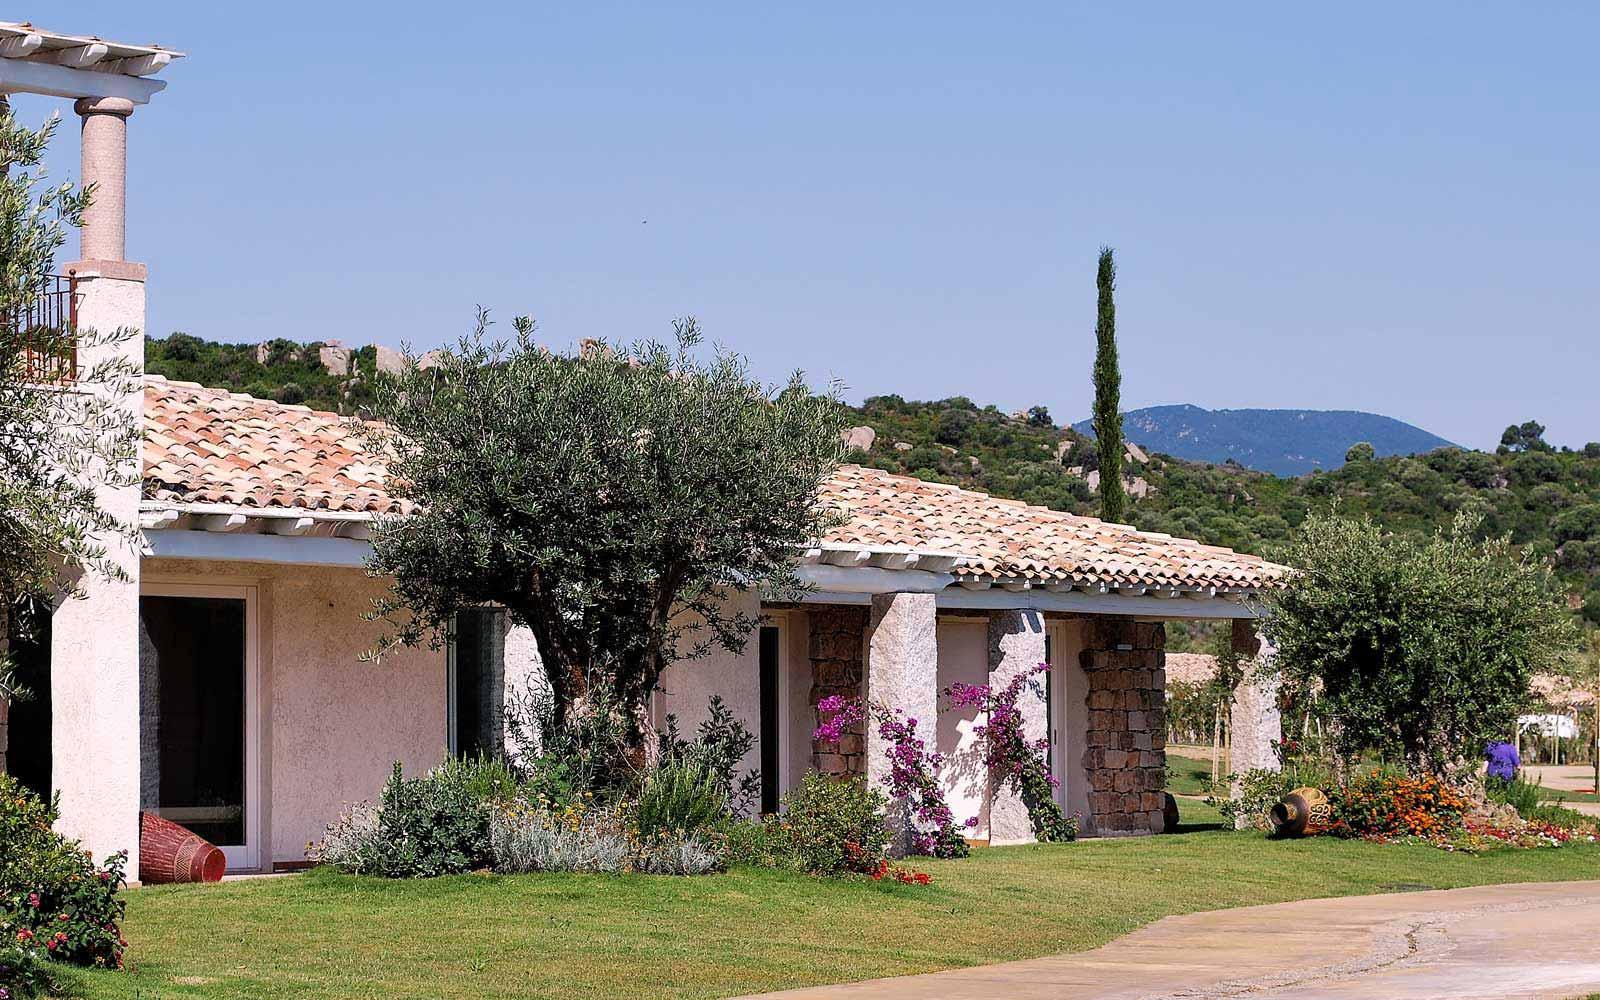 A villa's external view at Hotel Villas Resort